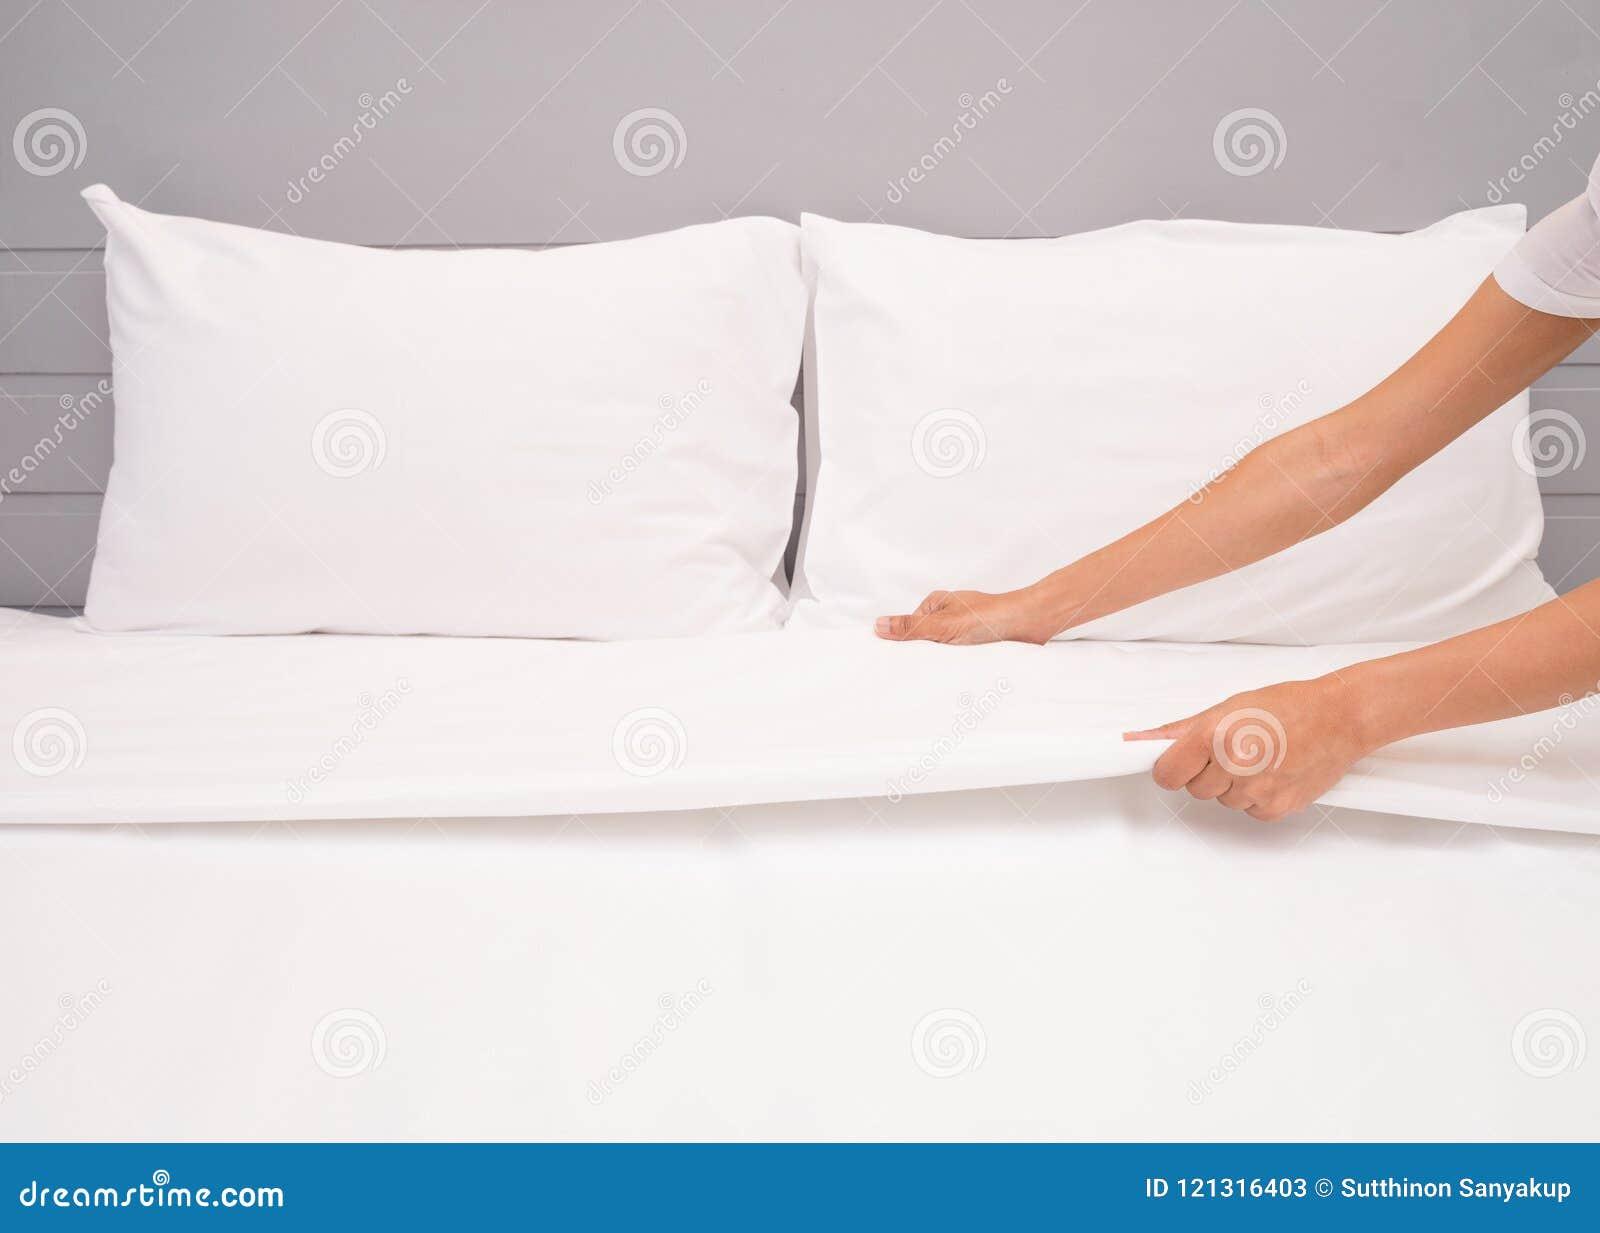 Chiuda sul lenzuolo bianco installato mano nella camera di albergo